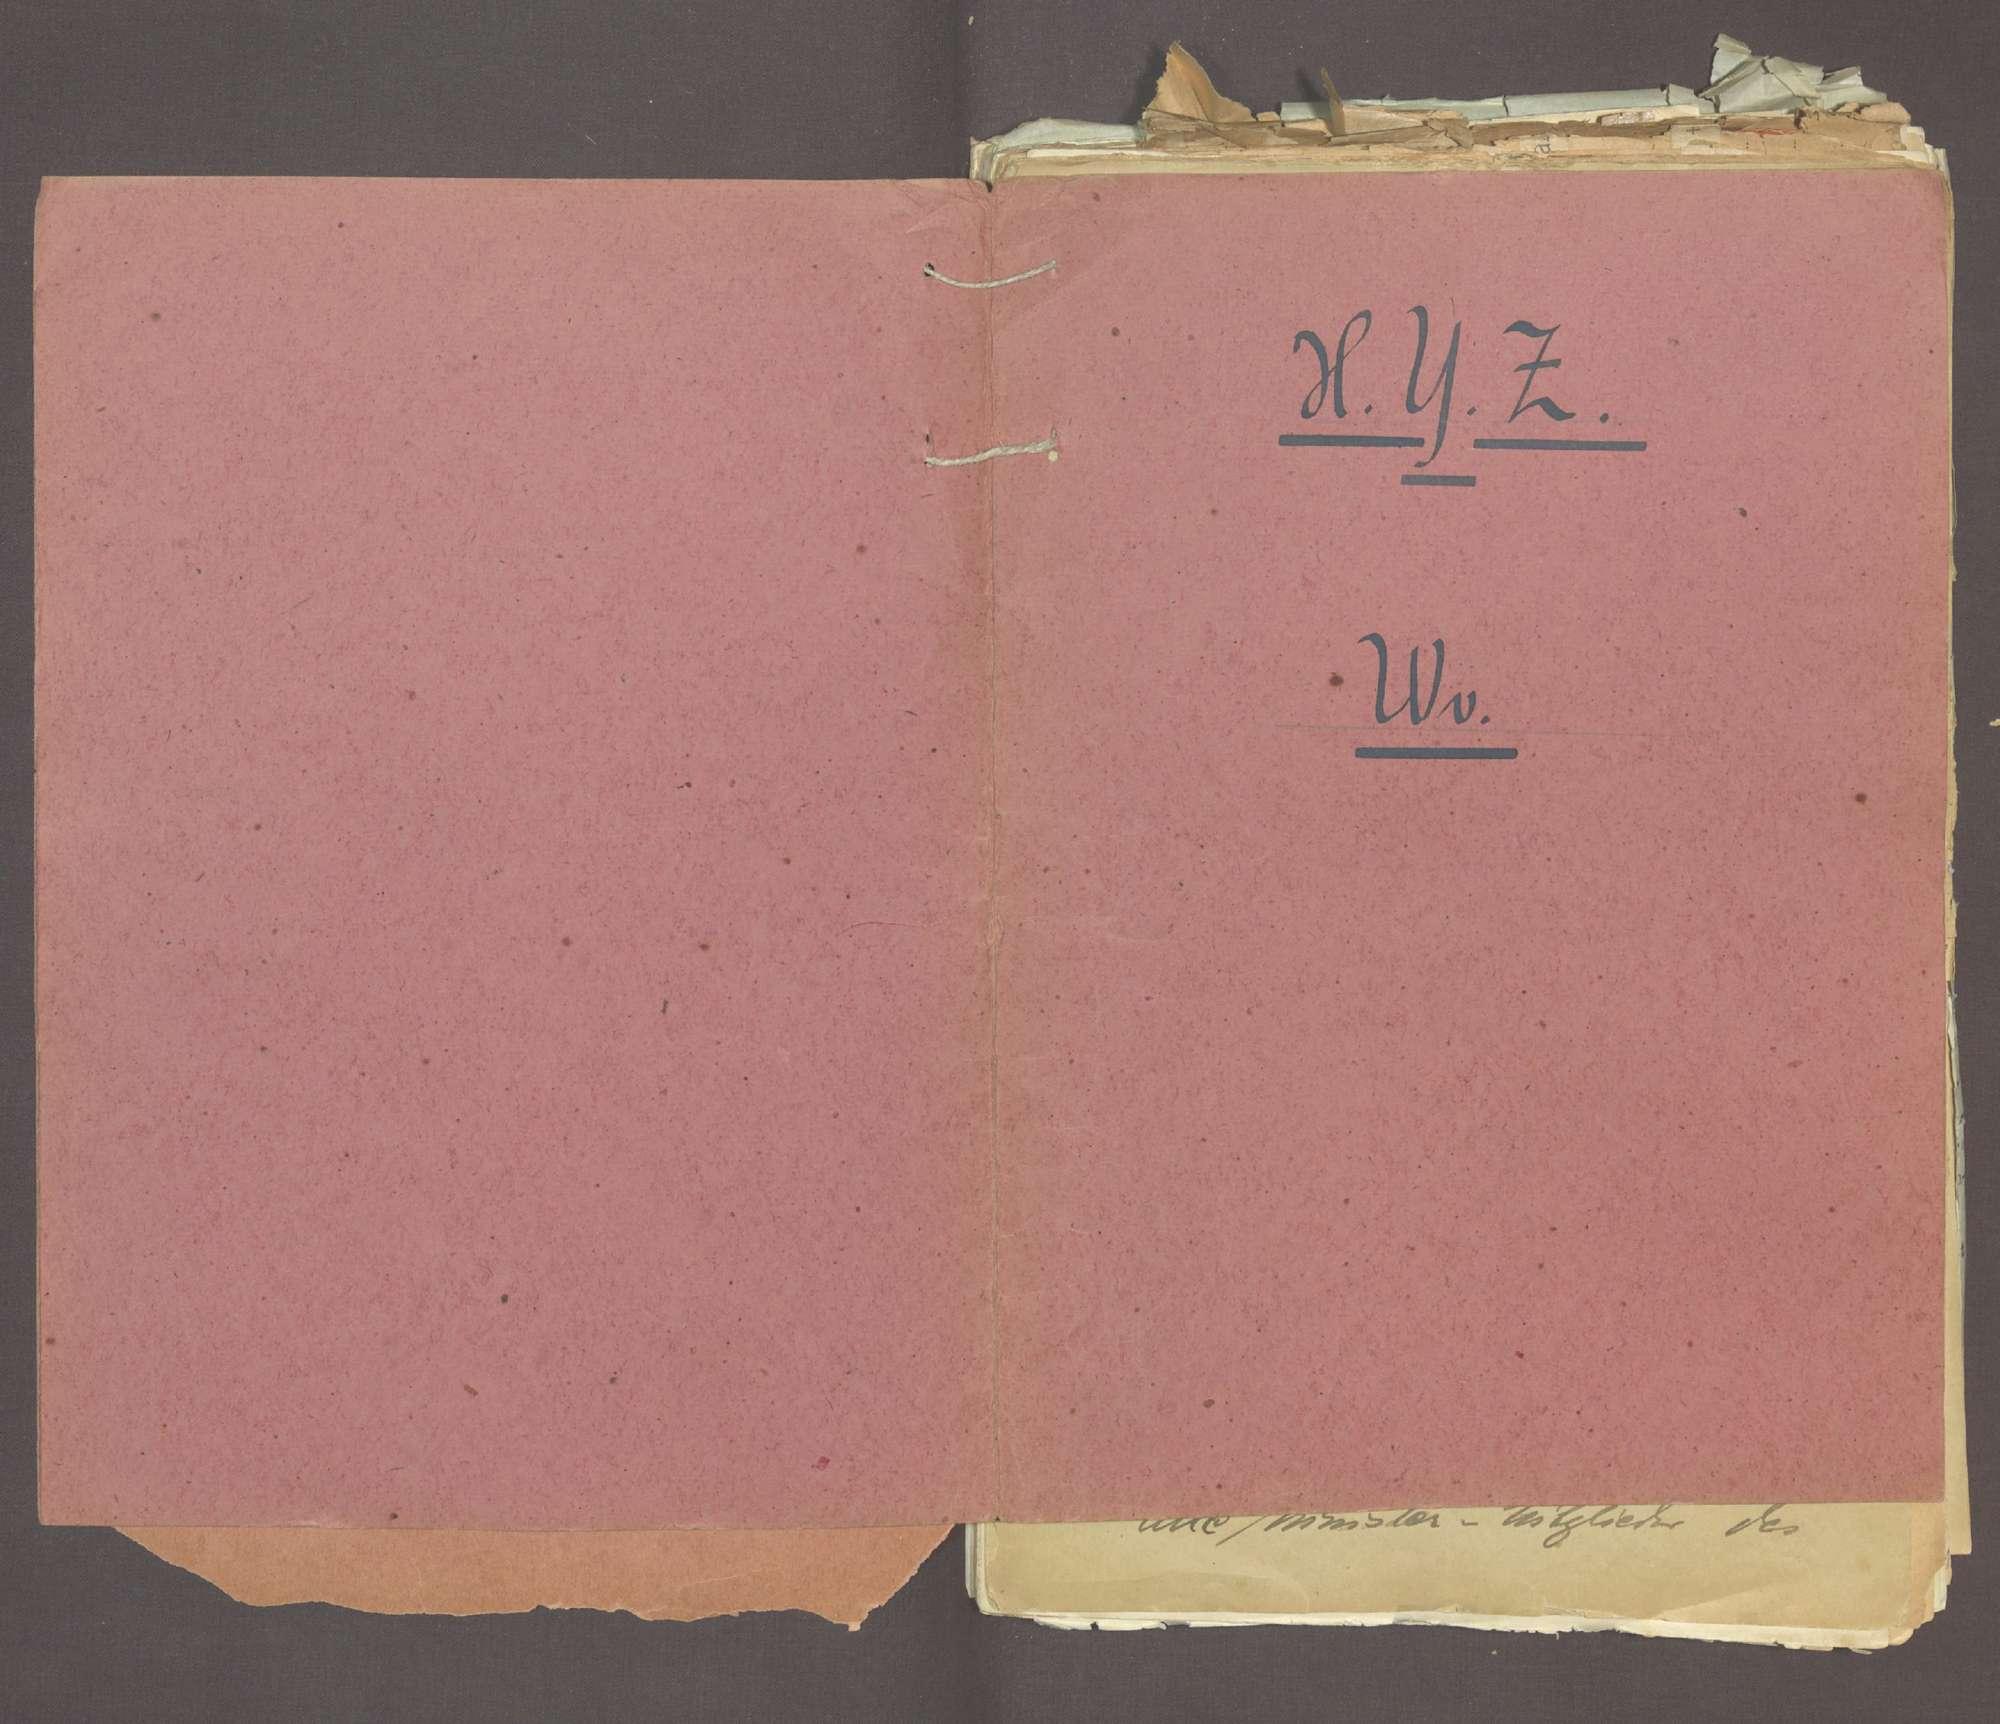 Ermordung des Reichsfinanzministers a. D. Erzberger, Bild 3